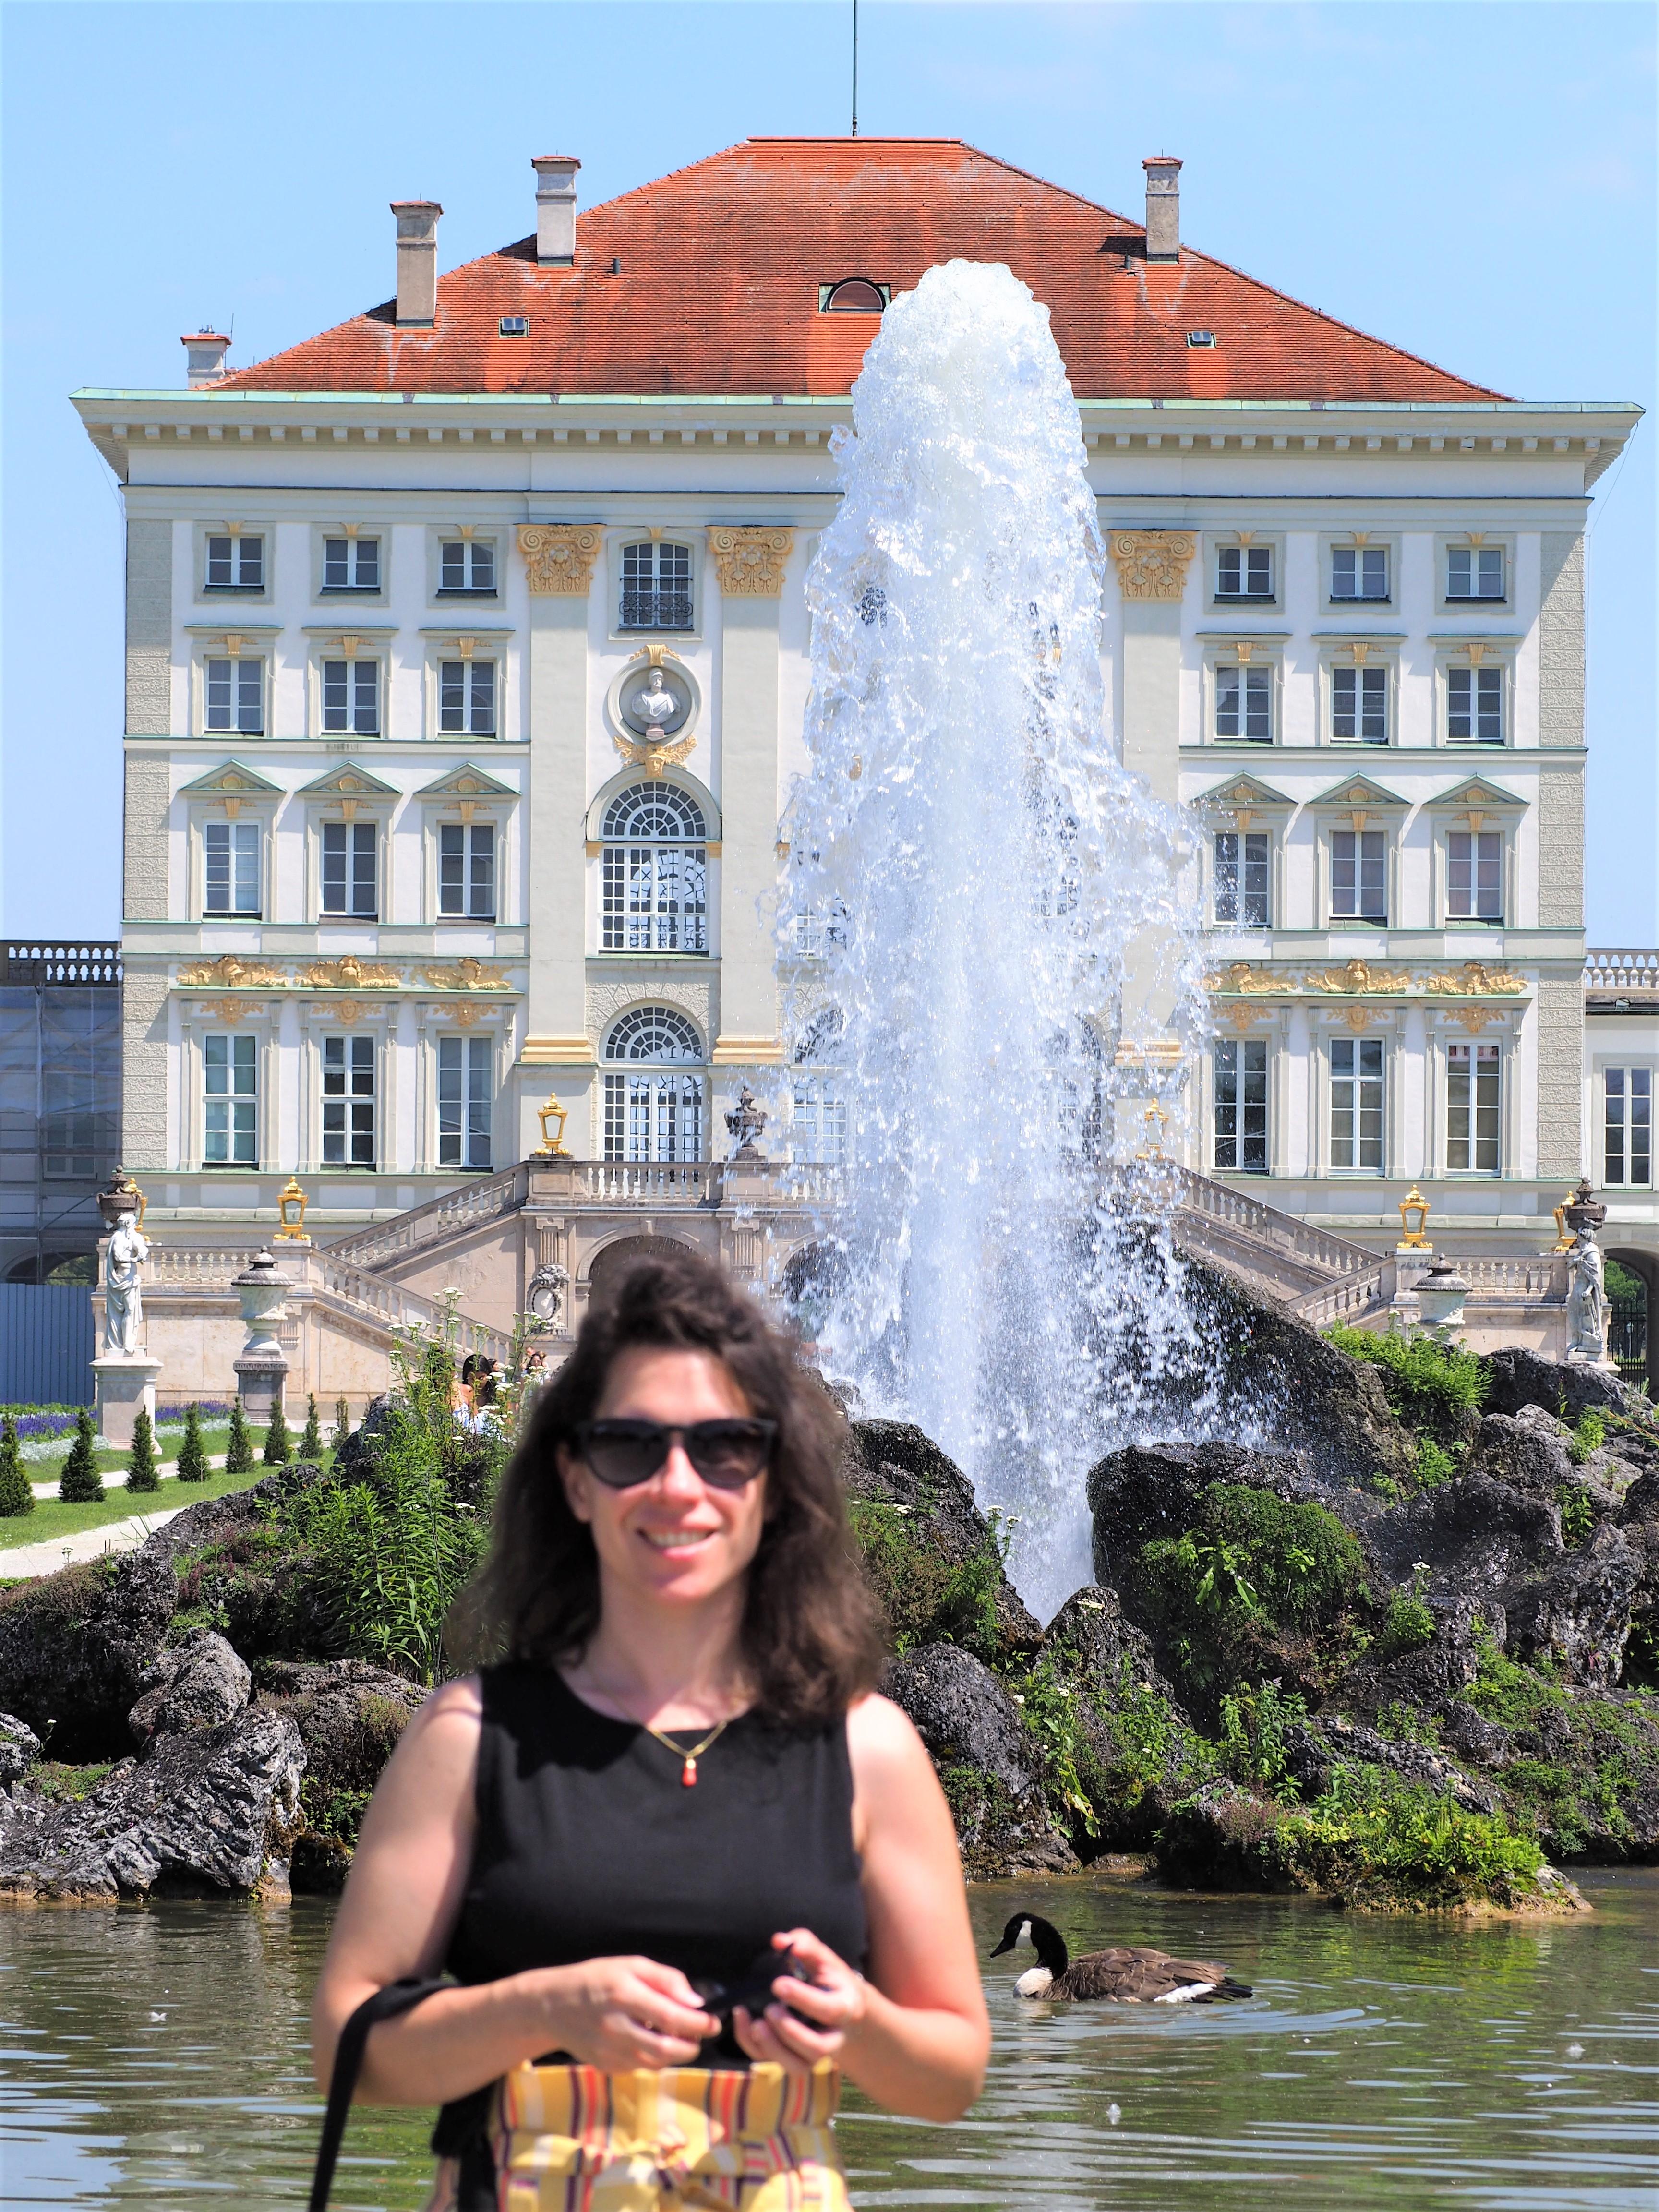 chateau-de-nypehmburg-clioandco-blog-voyage-munich-visite